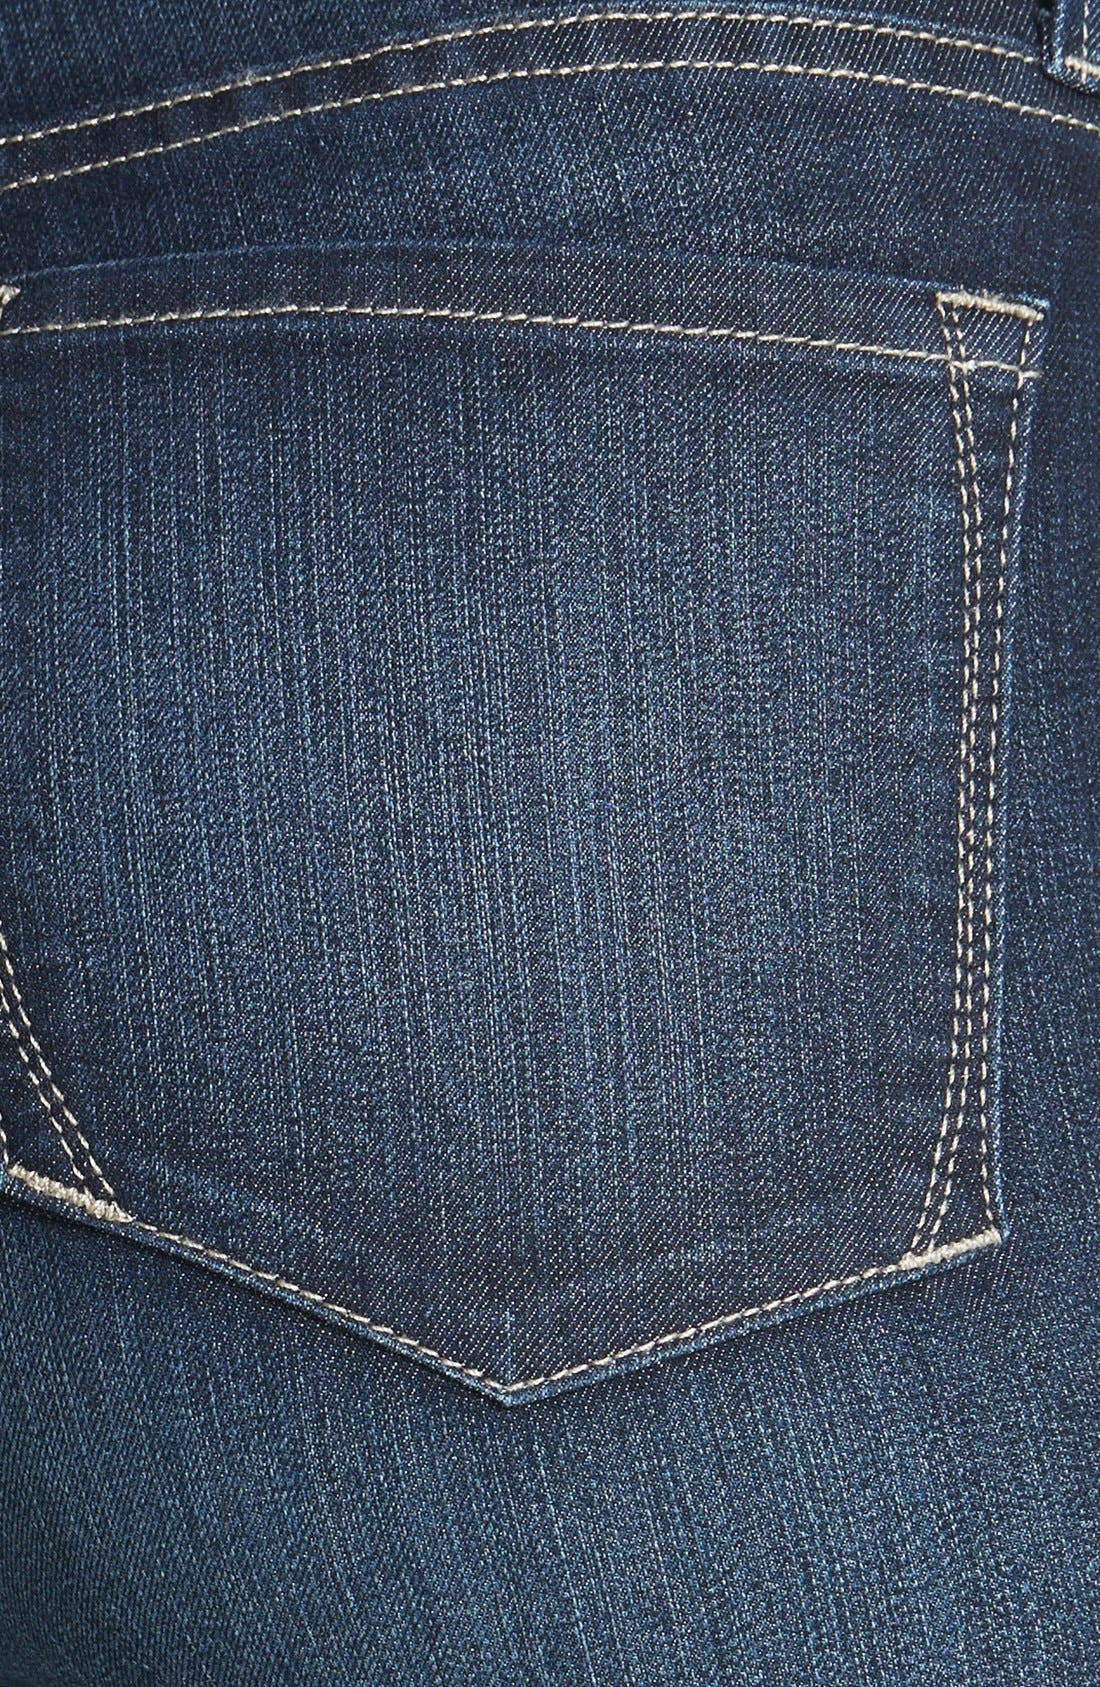 Alternate Image 3  - NYDJ 'Briella' Cuff Stretch Denim Shorts (Regular & Petite)